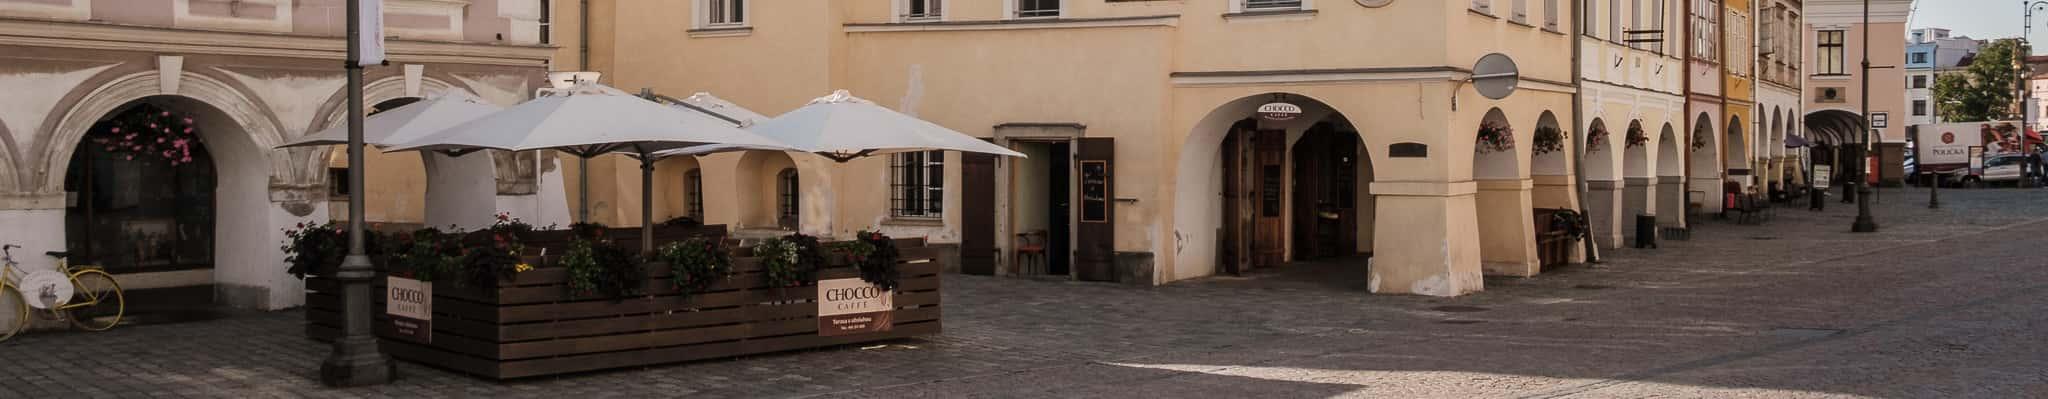 Kavárna Litomyšl